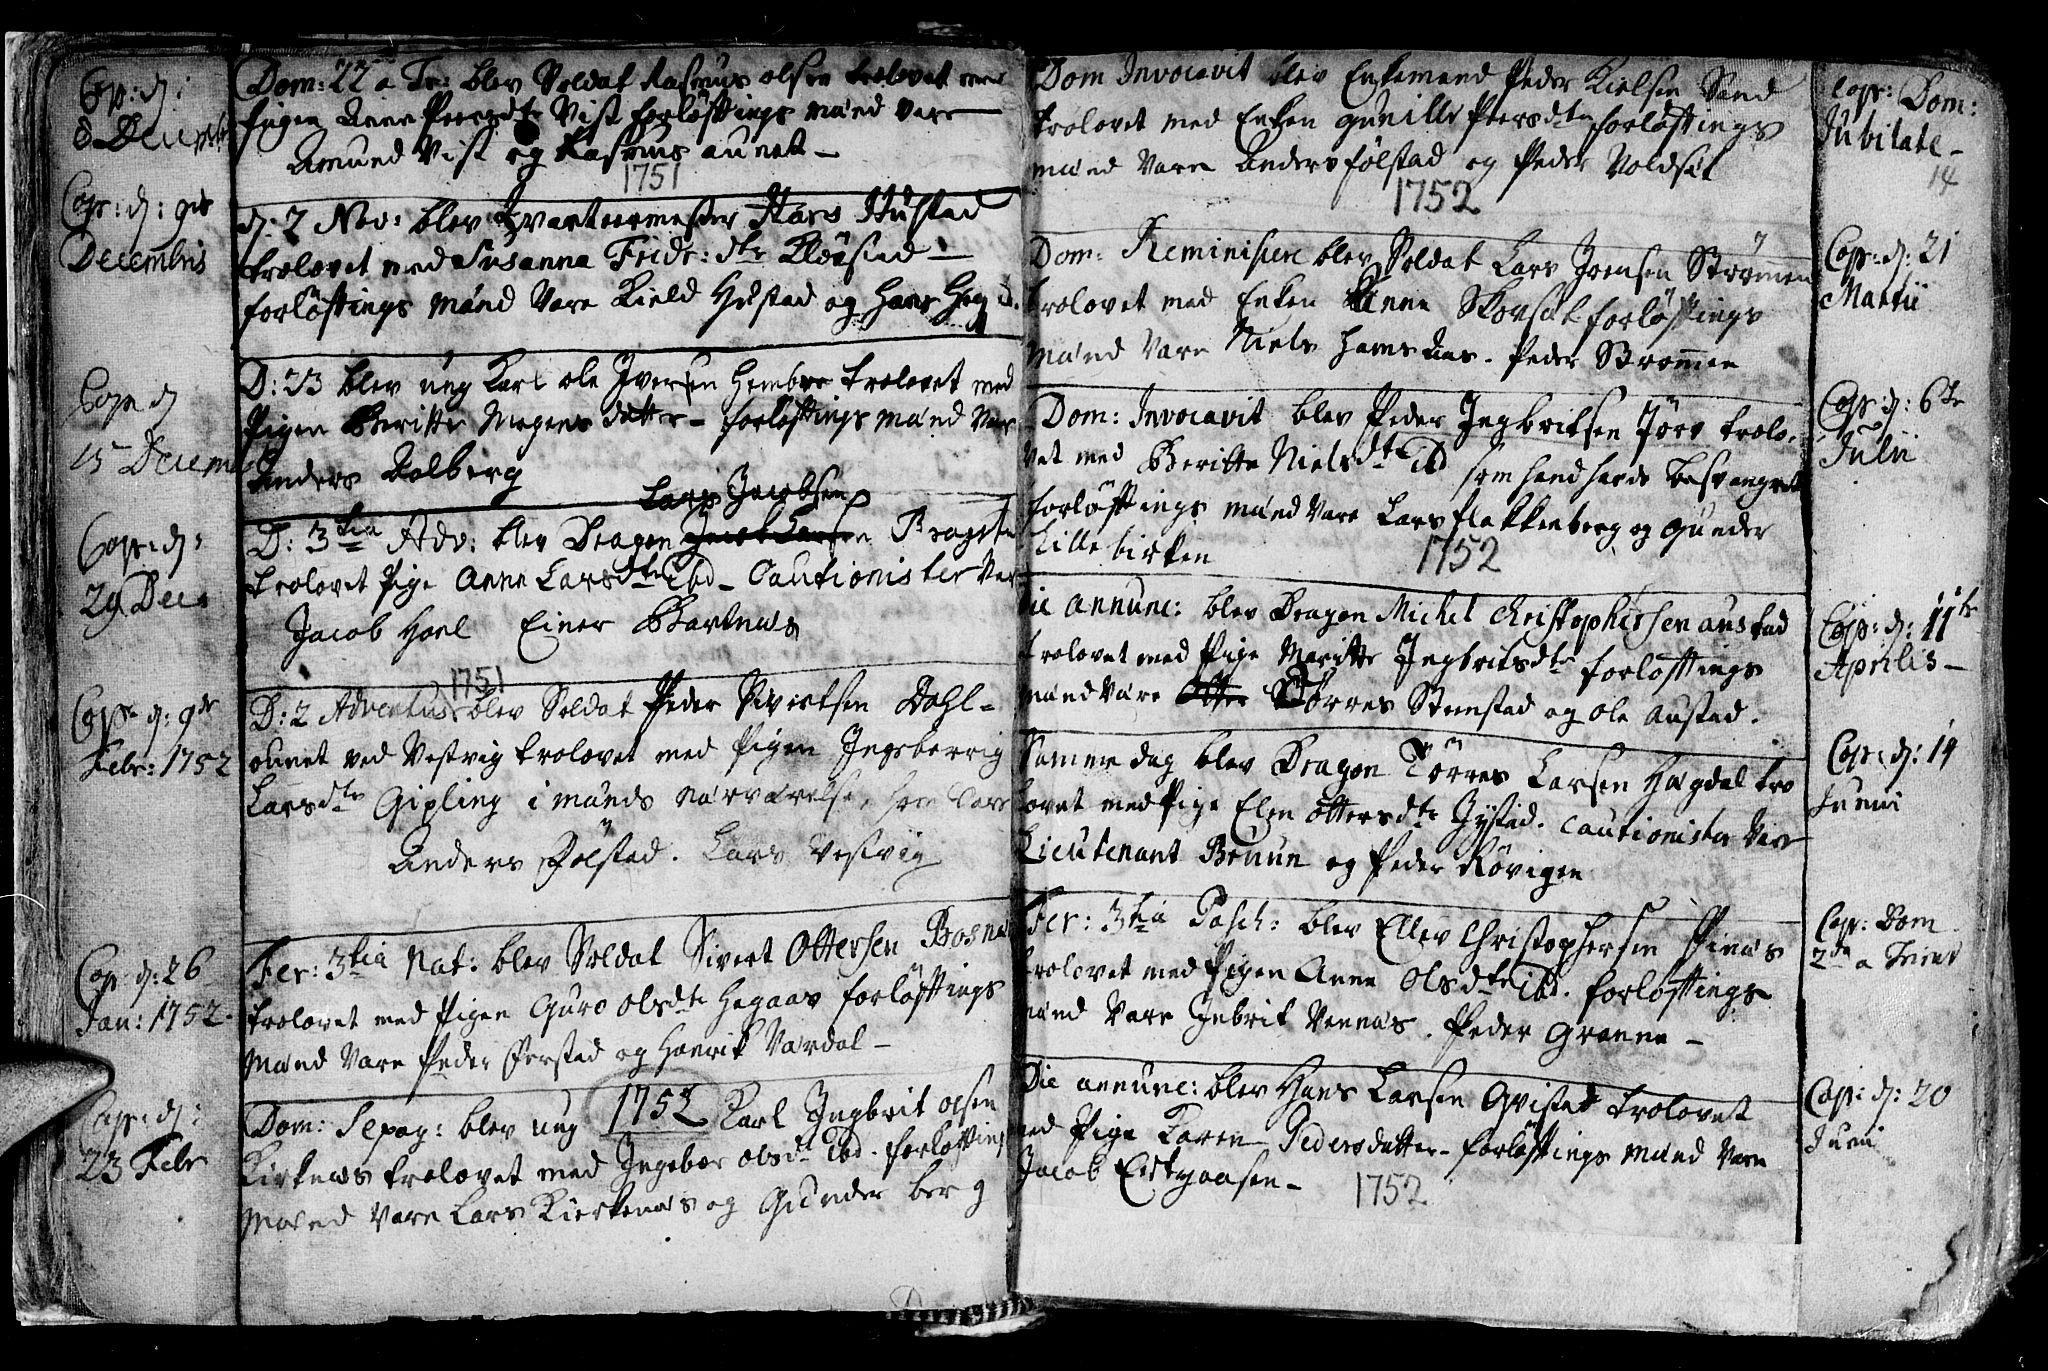 SAT, Ministerialprotokoller, klokkerbøker og fødselsregistre - Nord-Trøndelag, 730/L0272: Ministerialbok nr. 730A01, 1733-1764, s. 14